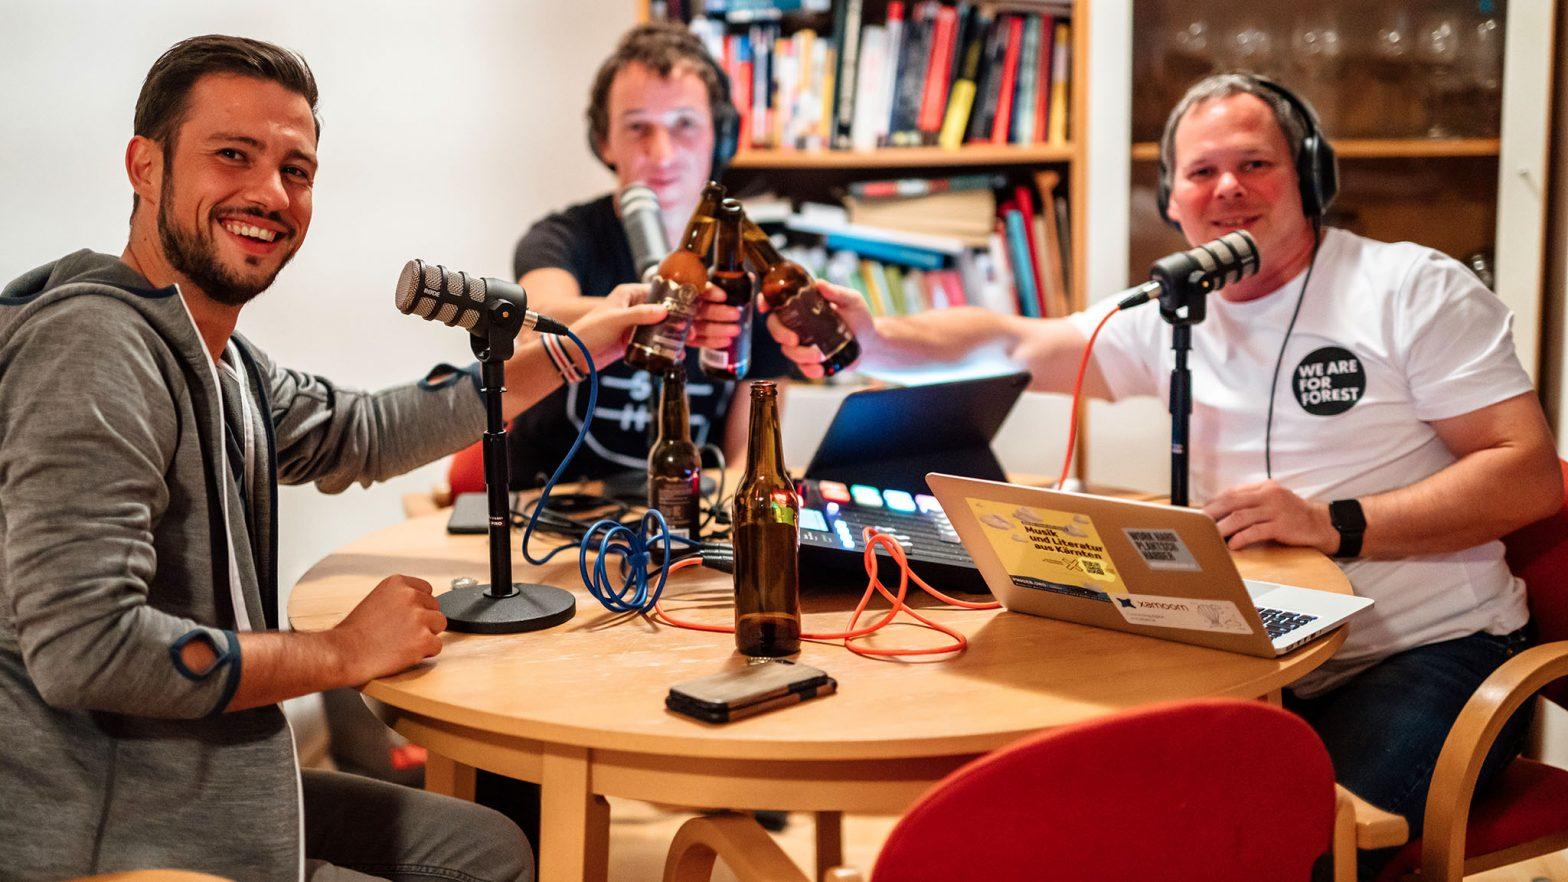 Landesrat Sebastian Schuschnig, Daniel Gollner, Georg Holzer und die charmante Assistentin